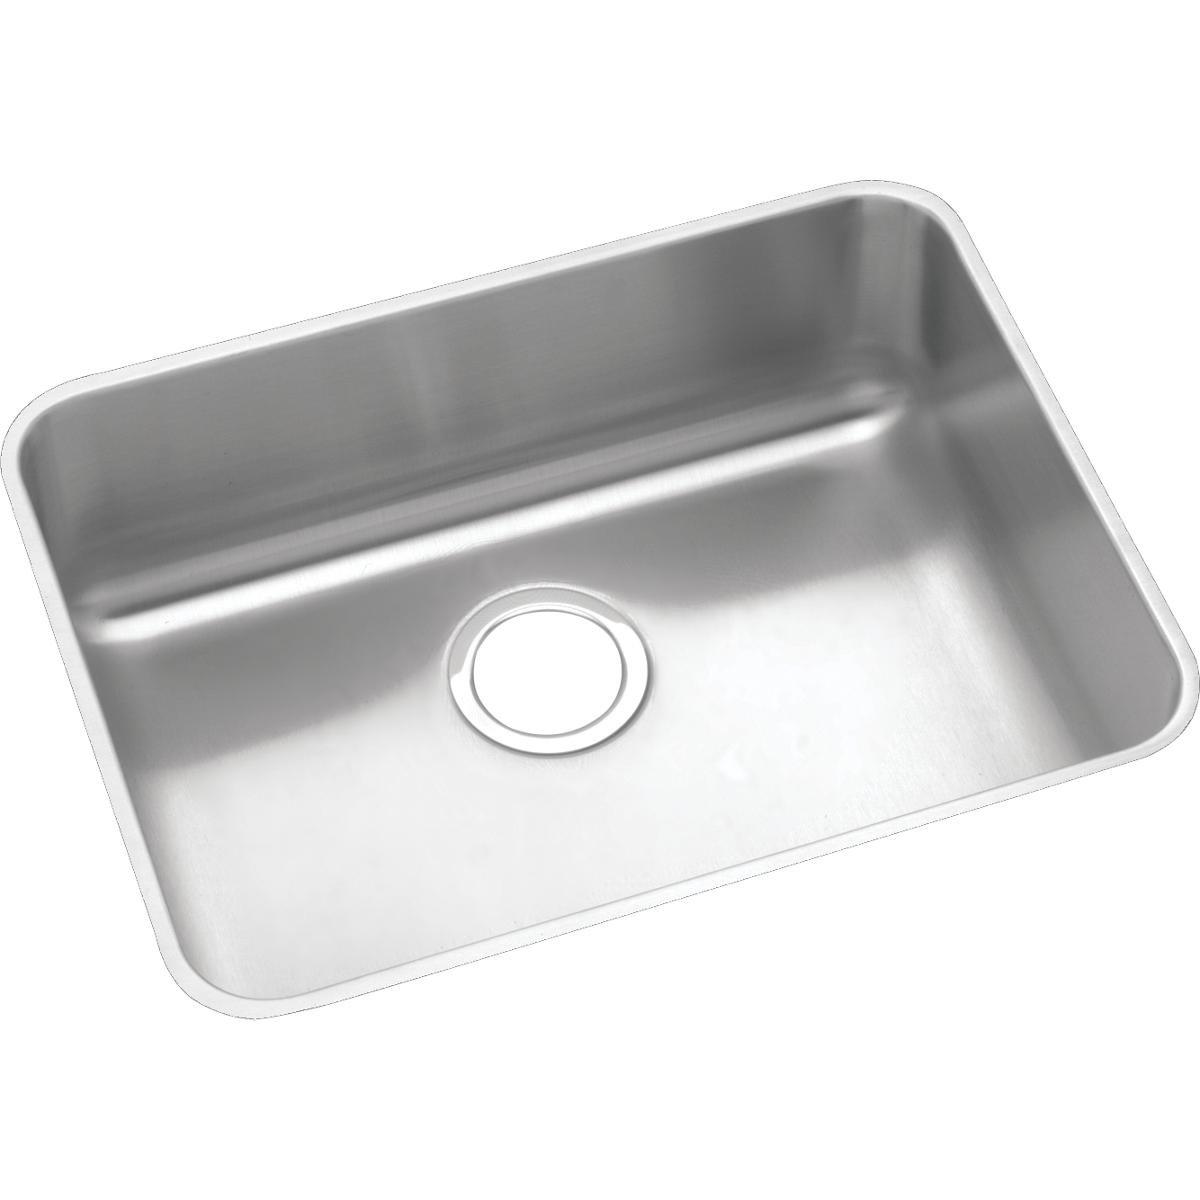 Elkay Lustertone ELUHAD211555 Single Bowl Undermount Stainless Steel ADA Sink